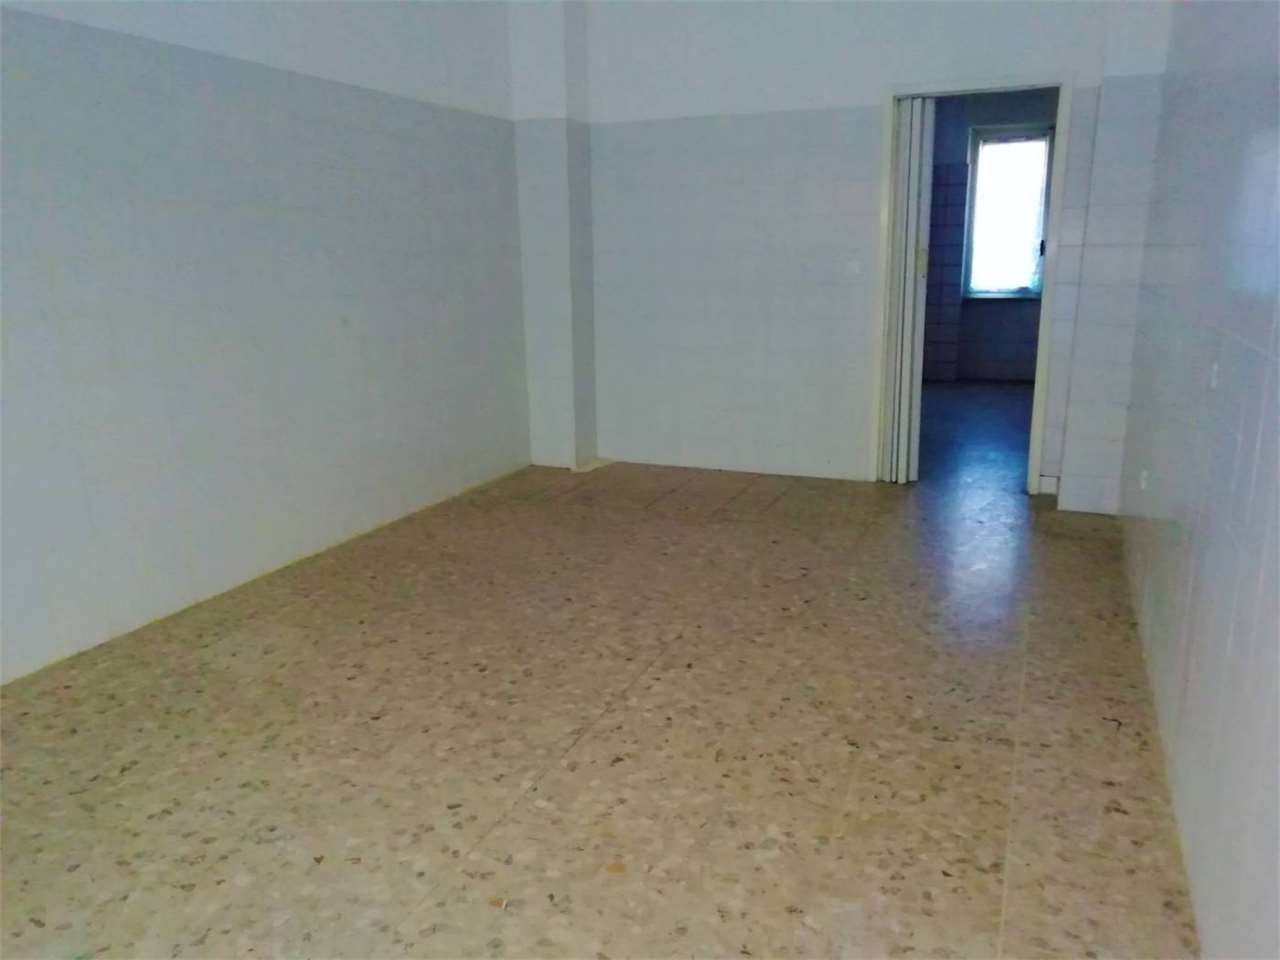 Negozio / Locale in affitto a Alessandria, 2 locali, zona Località: Pista Nuova, prezzo € 300 | PortaleAgenzieImmobiliari.it